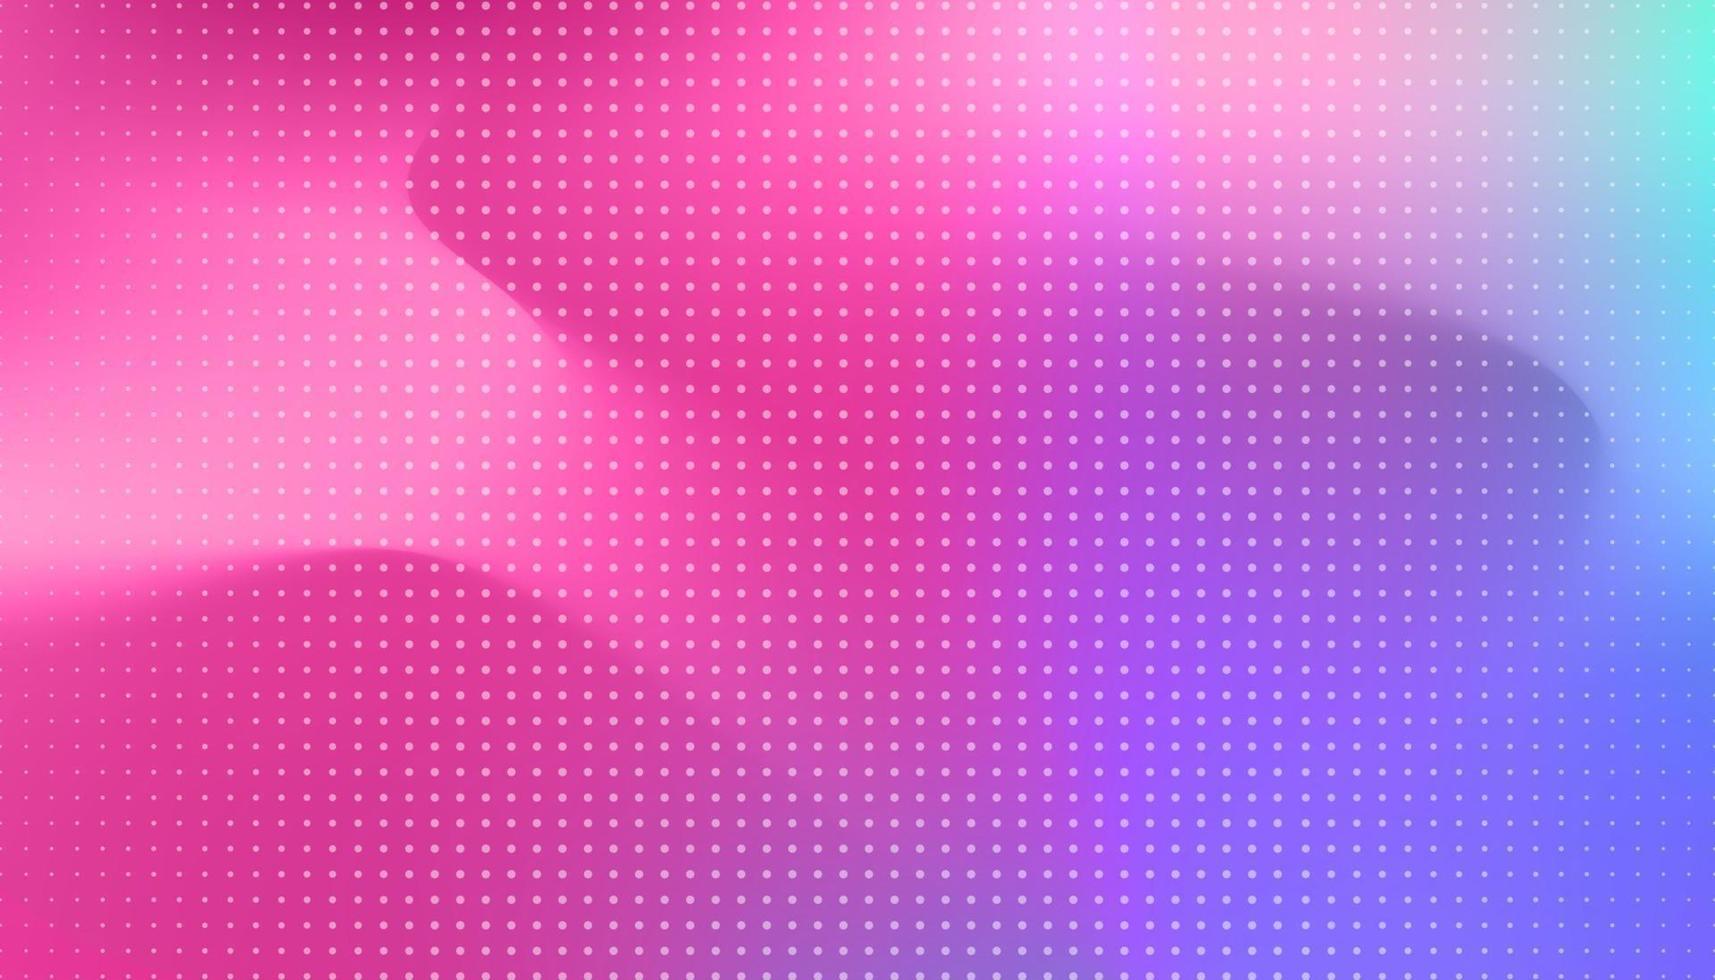 abstrakt blå lila och rosa mjuk molnbakgrund i pastellfärgad gradering. vektor